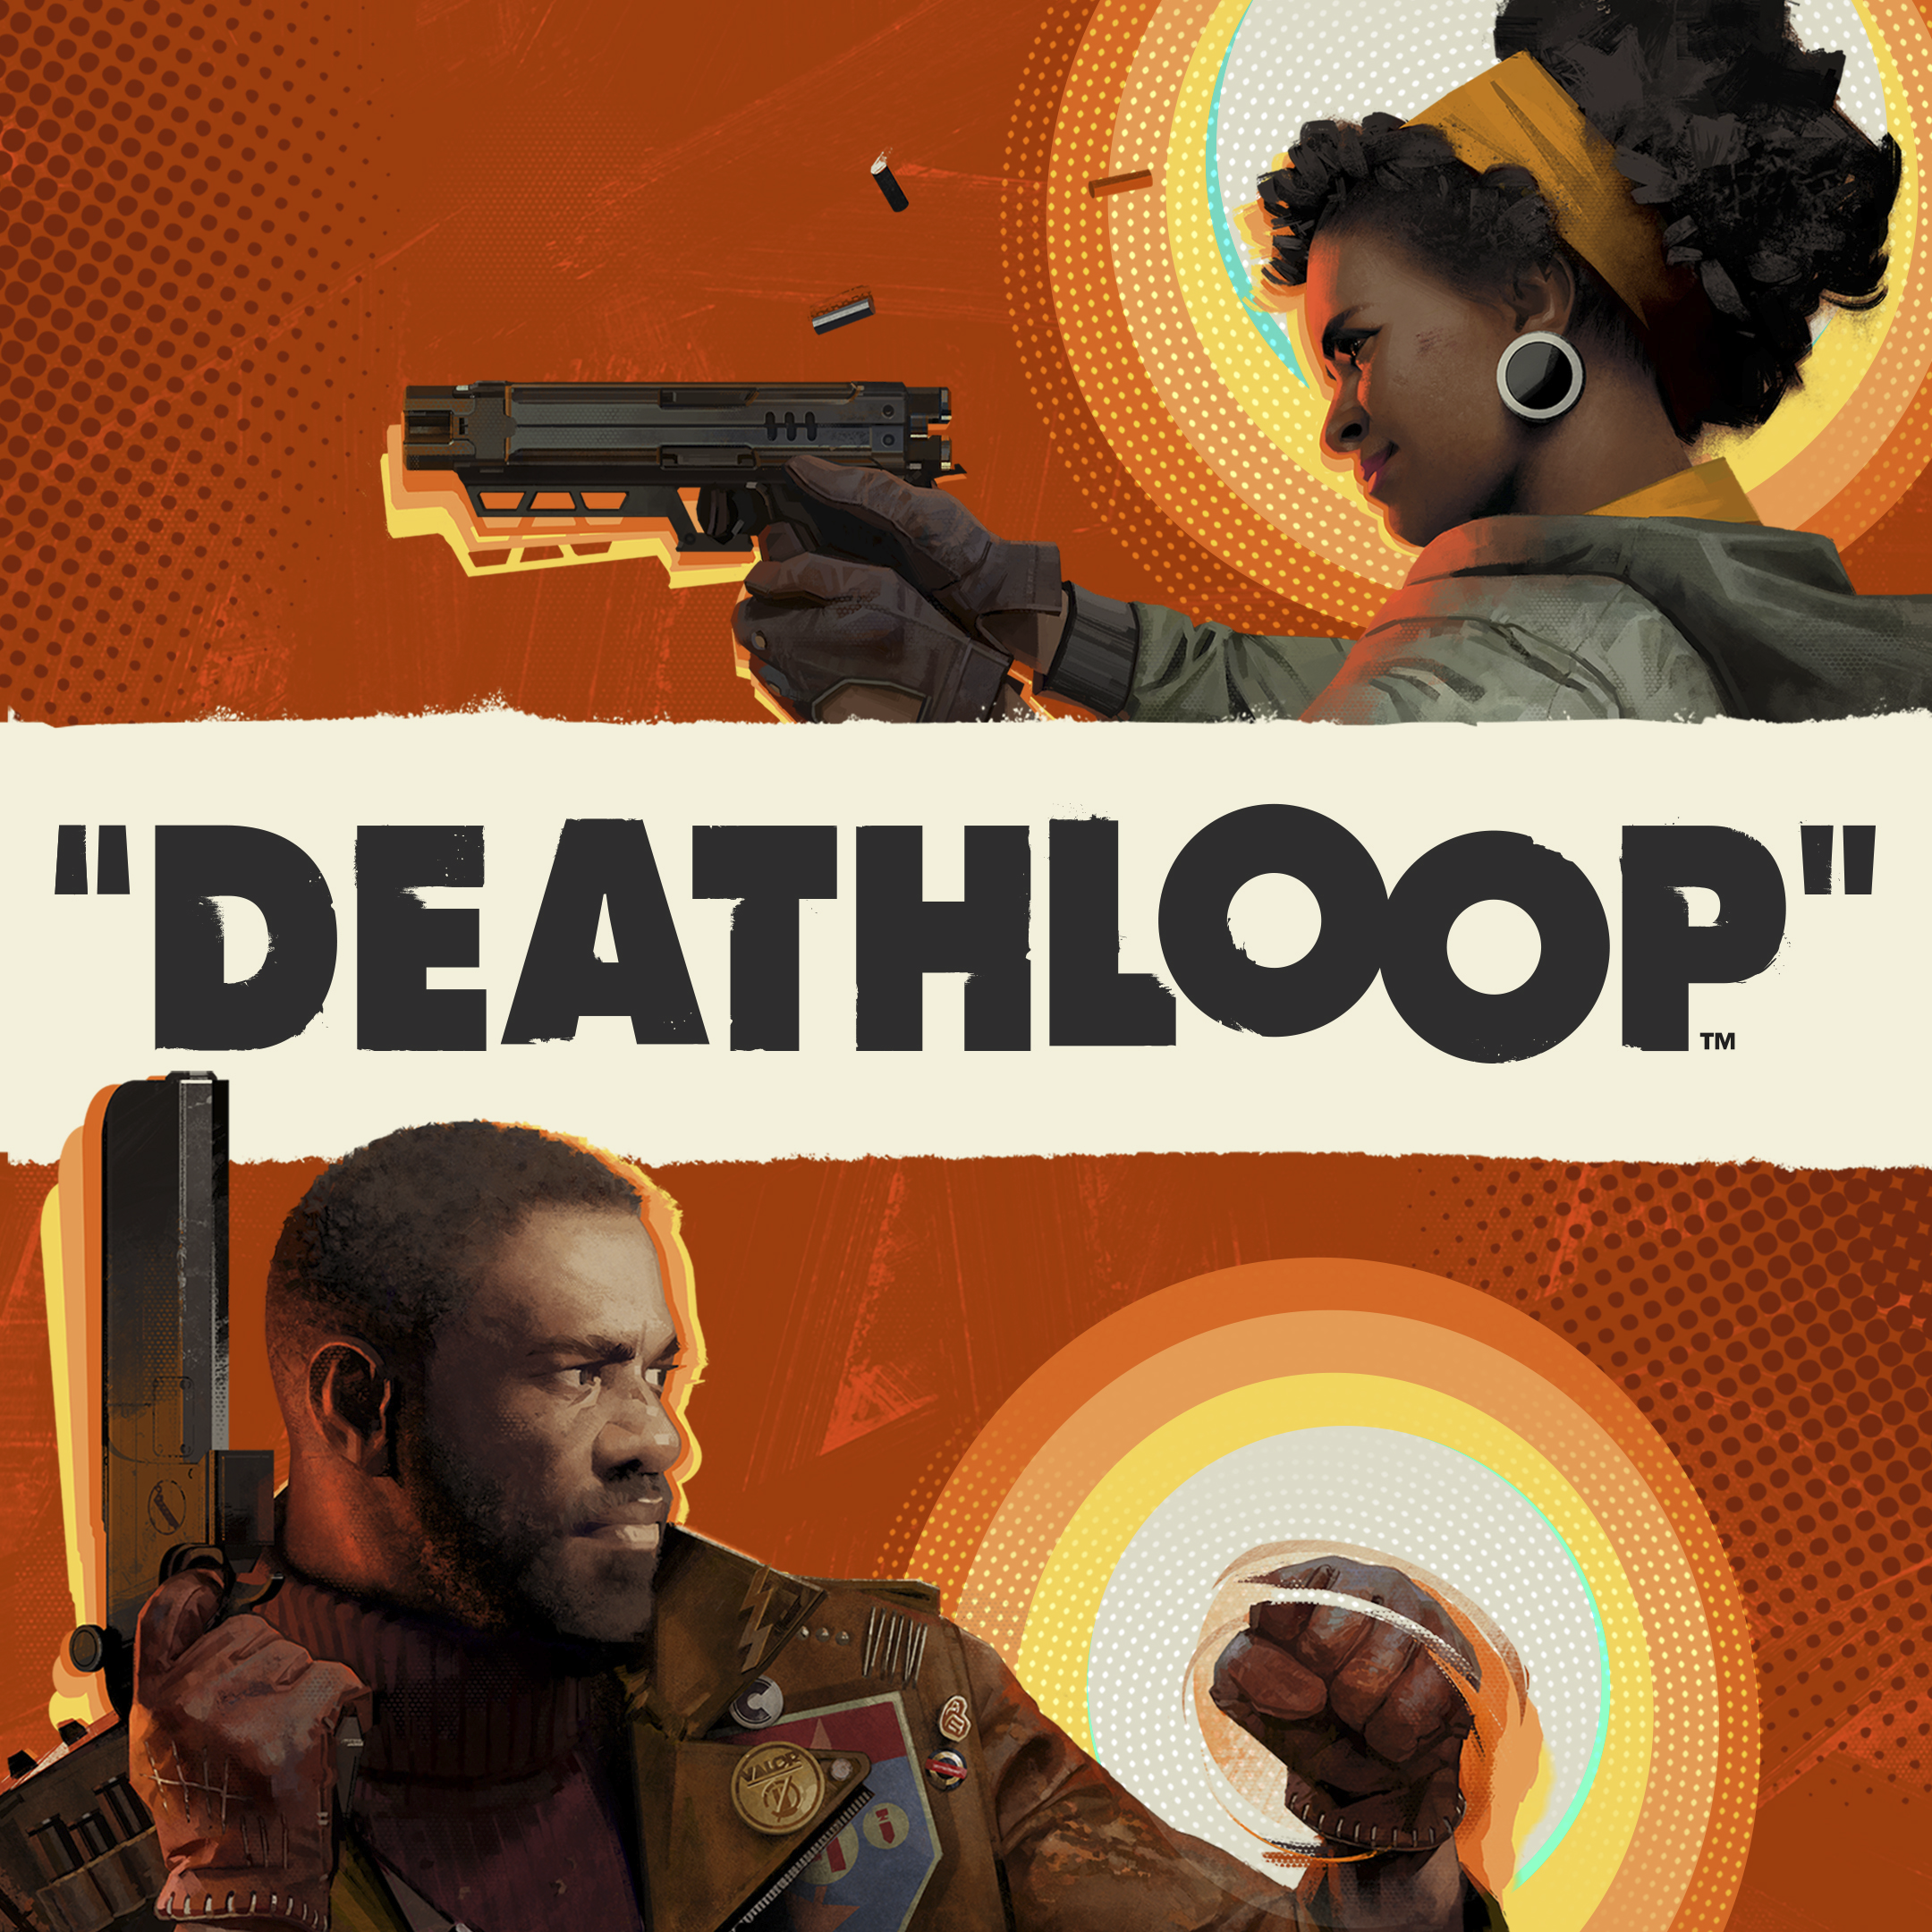 Deathloop - Store Art